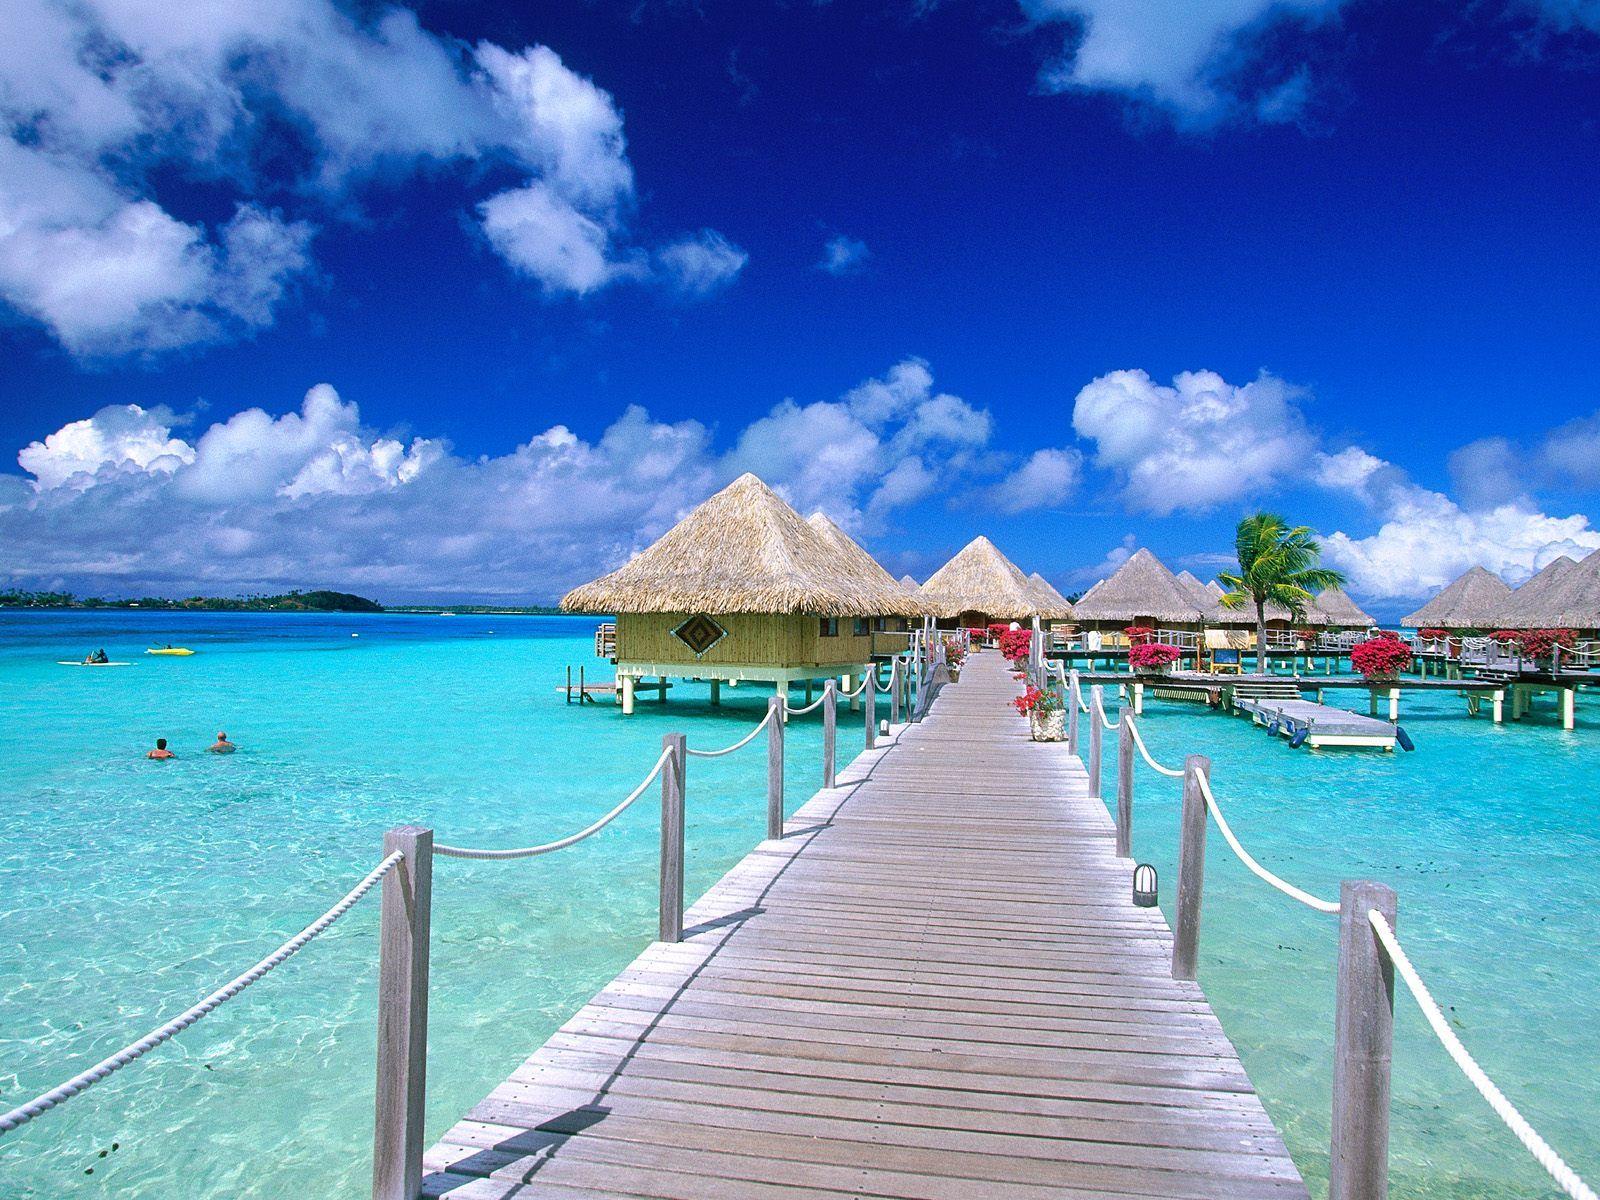 Gambar Pemandangan Pantai Terindah di Dunia 2013